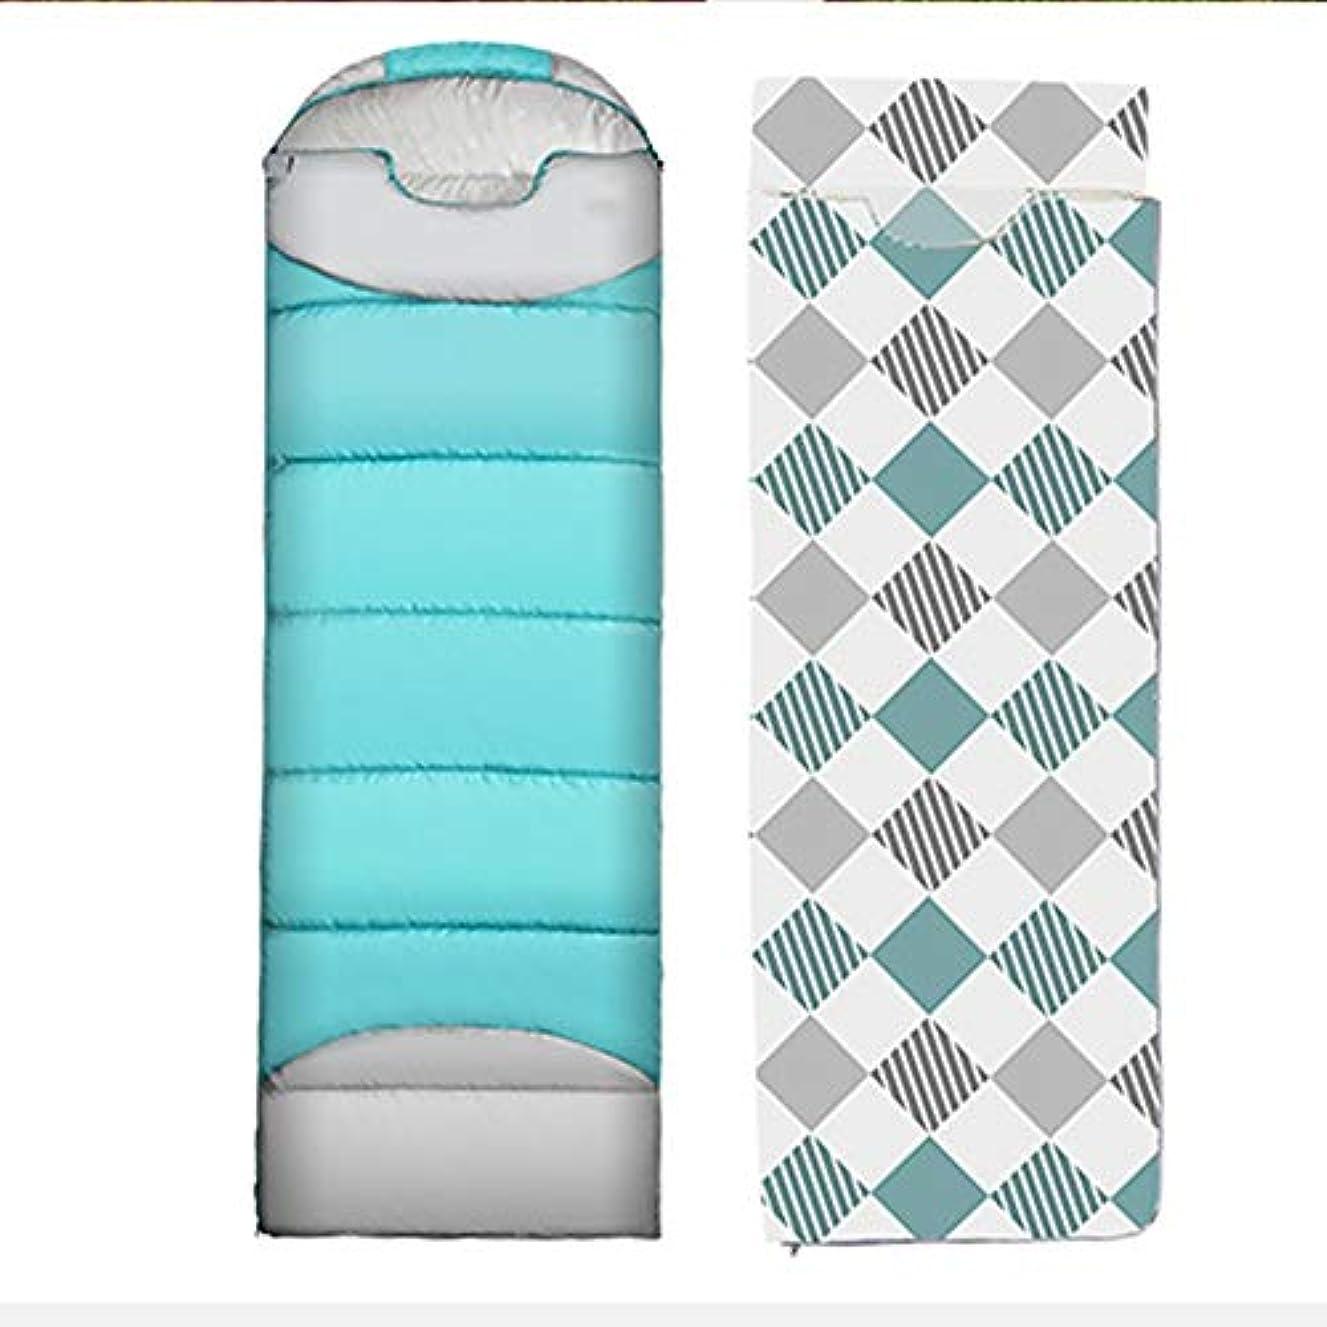 スタウト事件、出来事辞任TLMYDD 寝袋大人の屋外の男性と女性の絶縁屋内屋外キャンプU字型デザインのシームレスなドッキング 寝袋 (色 : 緑)